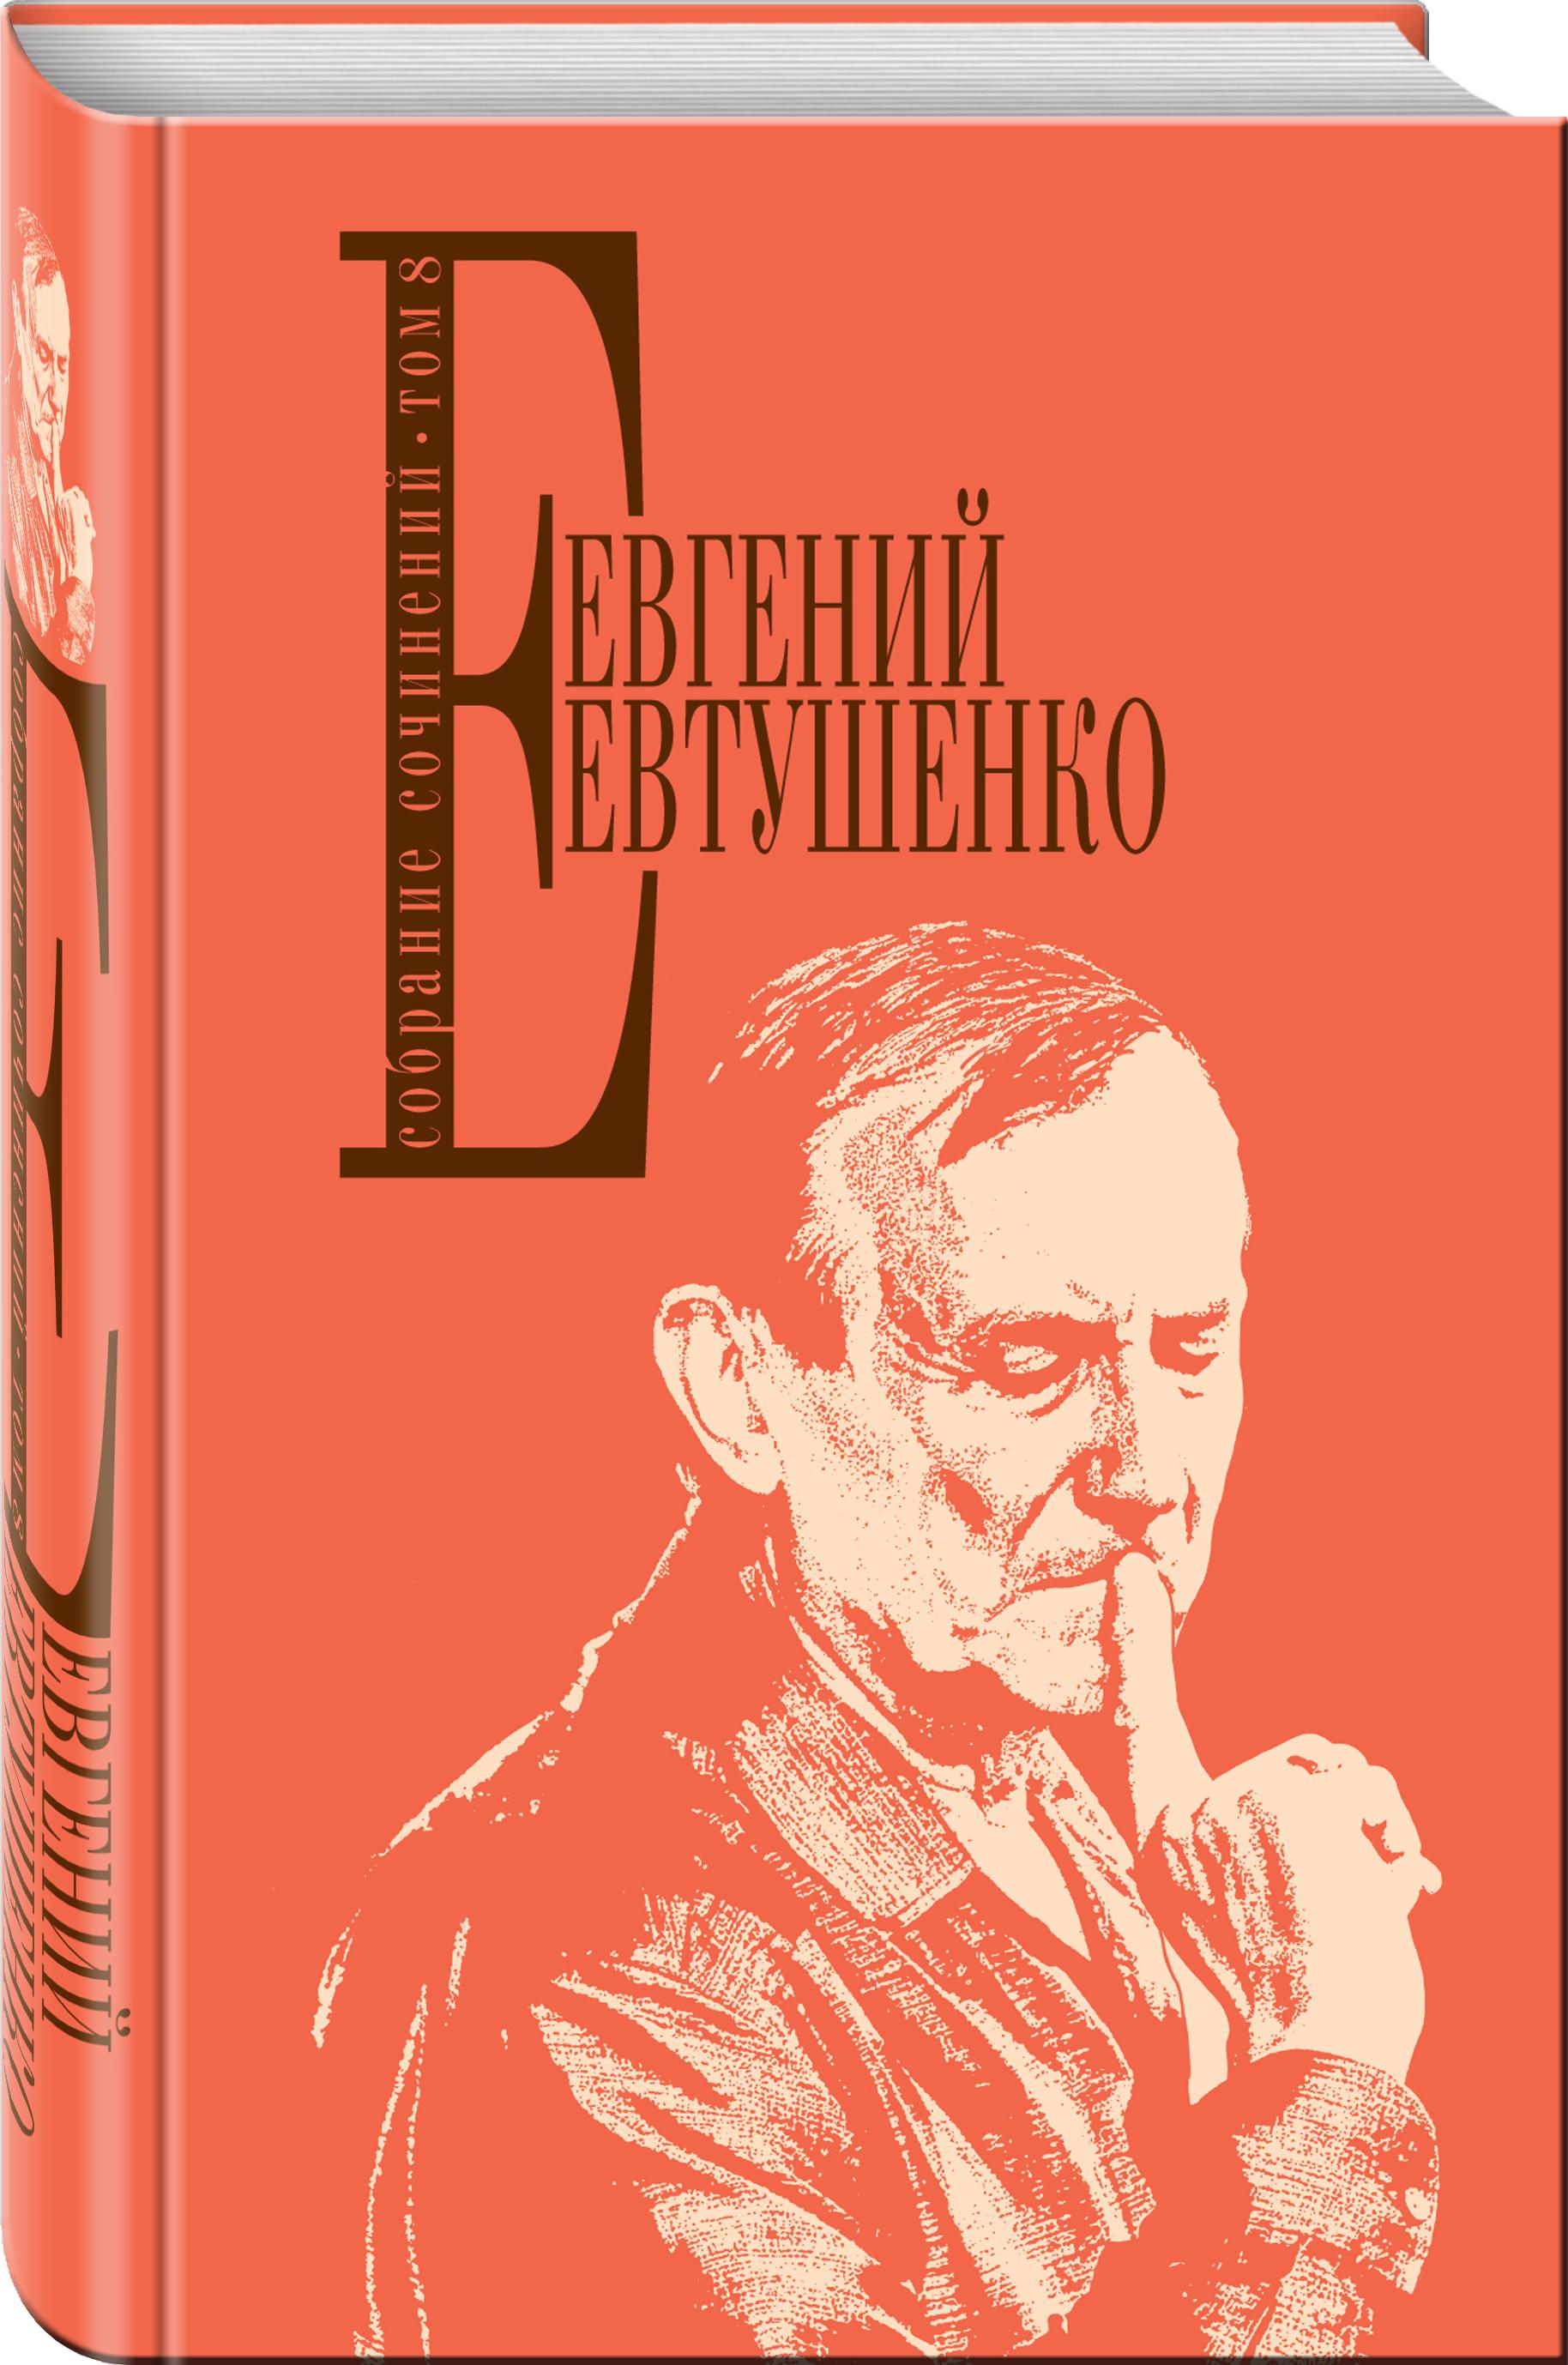 Евгений Евтушенко Собрание сочинений. Т. 8 стоимость